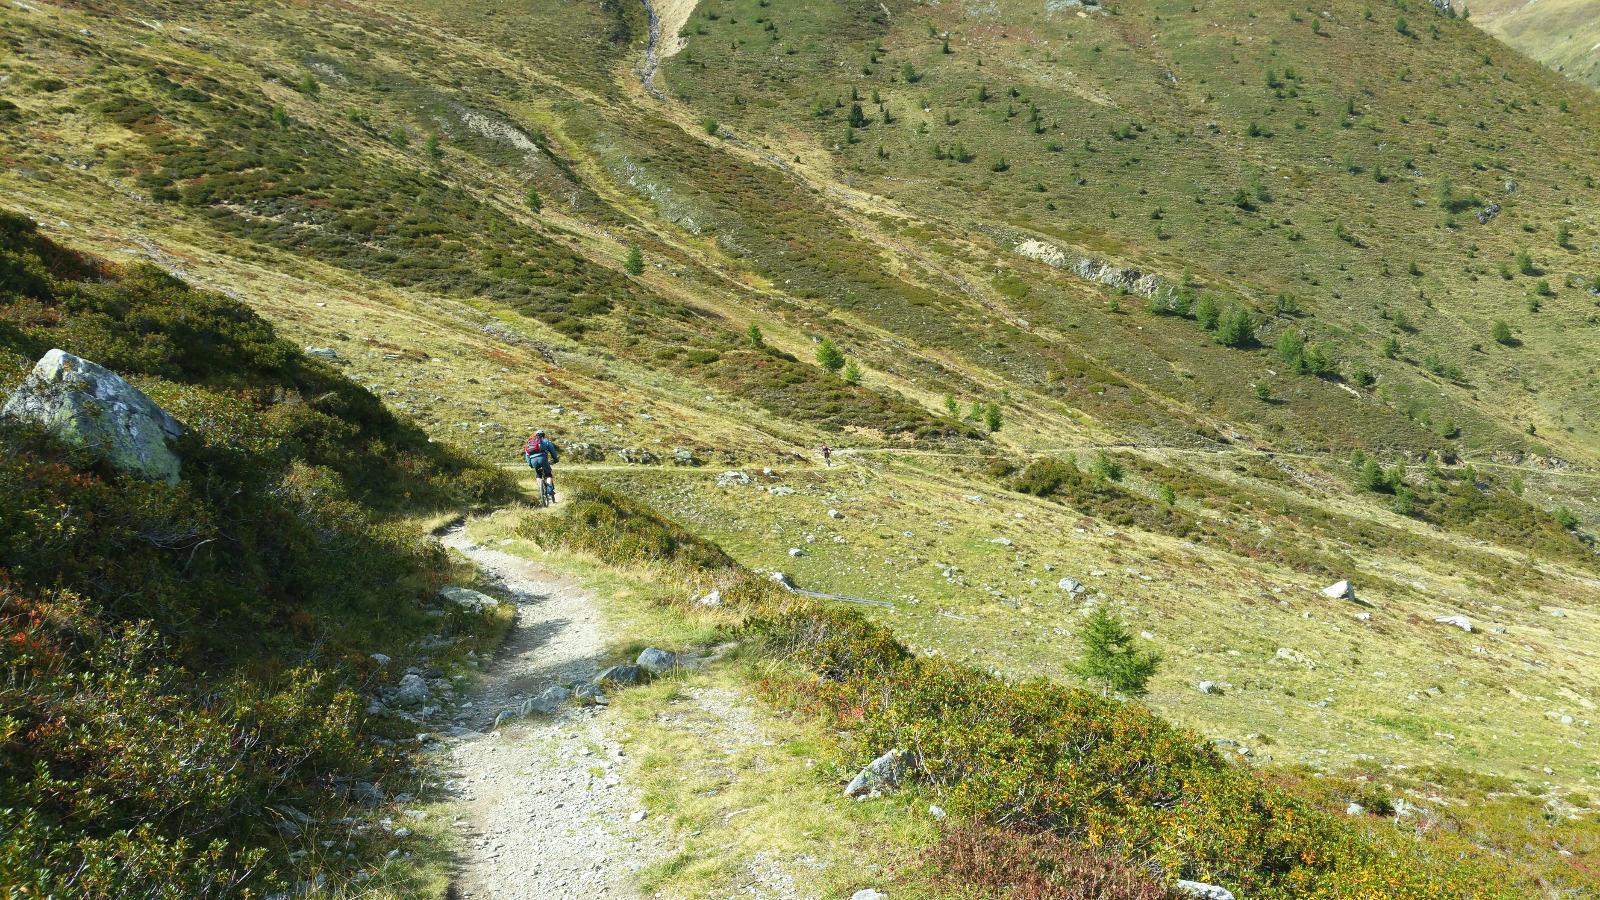 immer wieder schöne alpine Trails biken auf einer Transalp